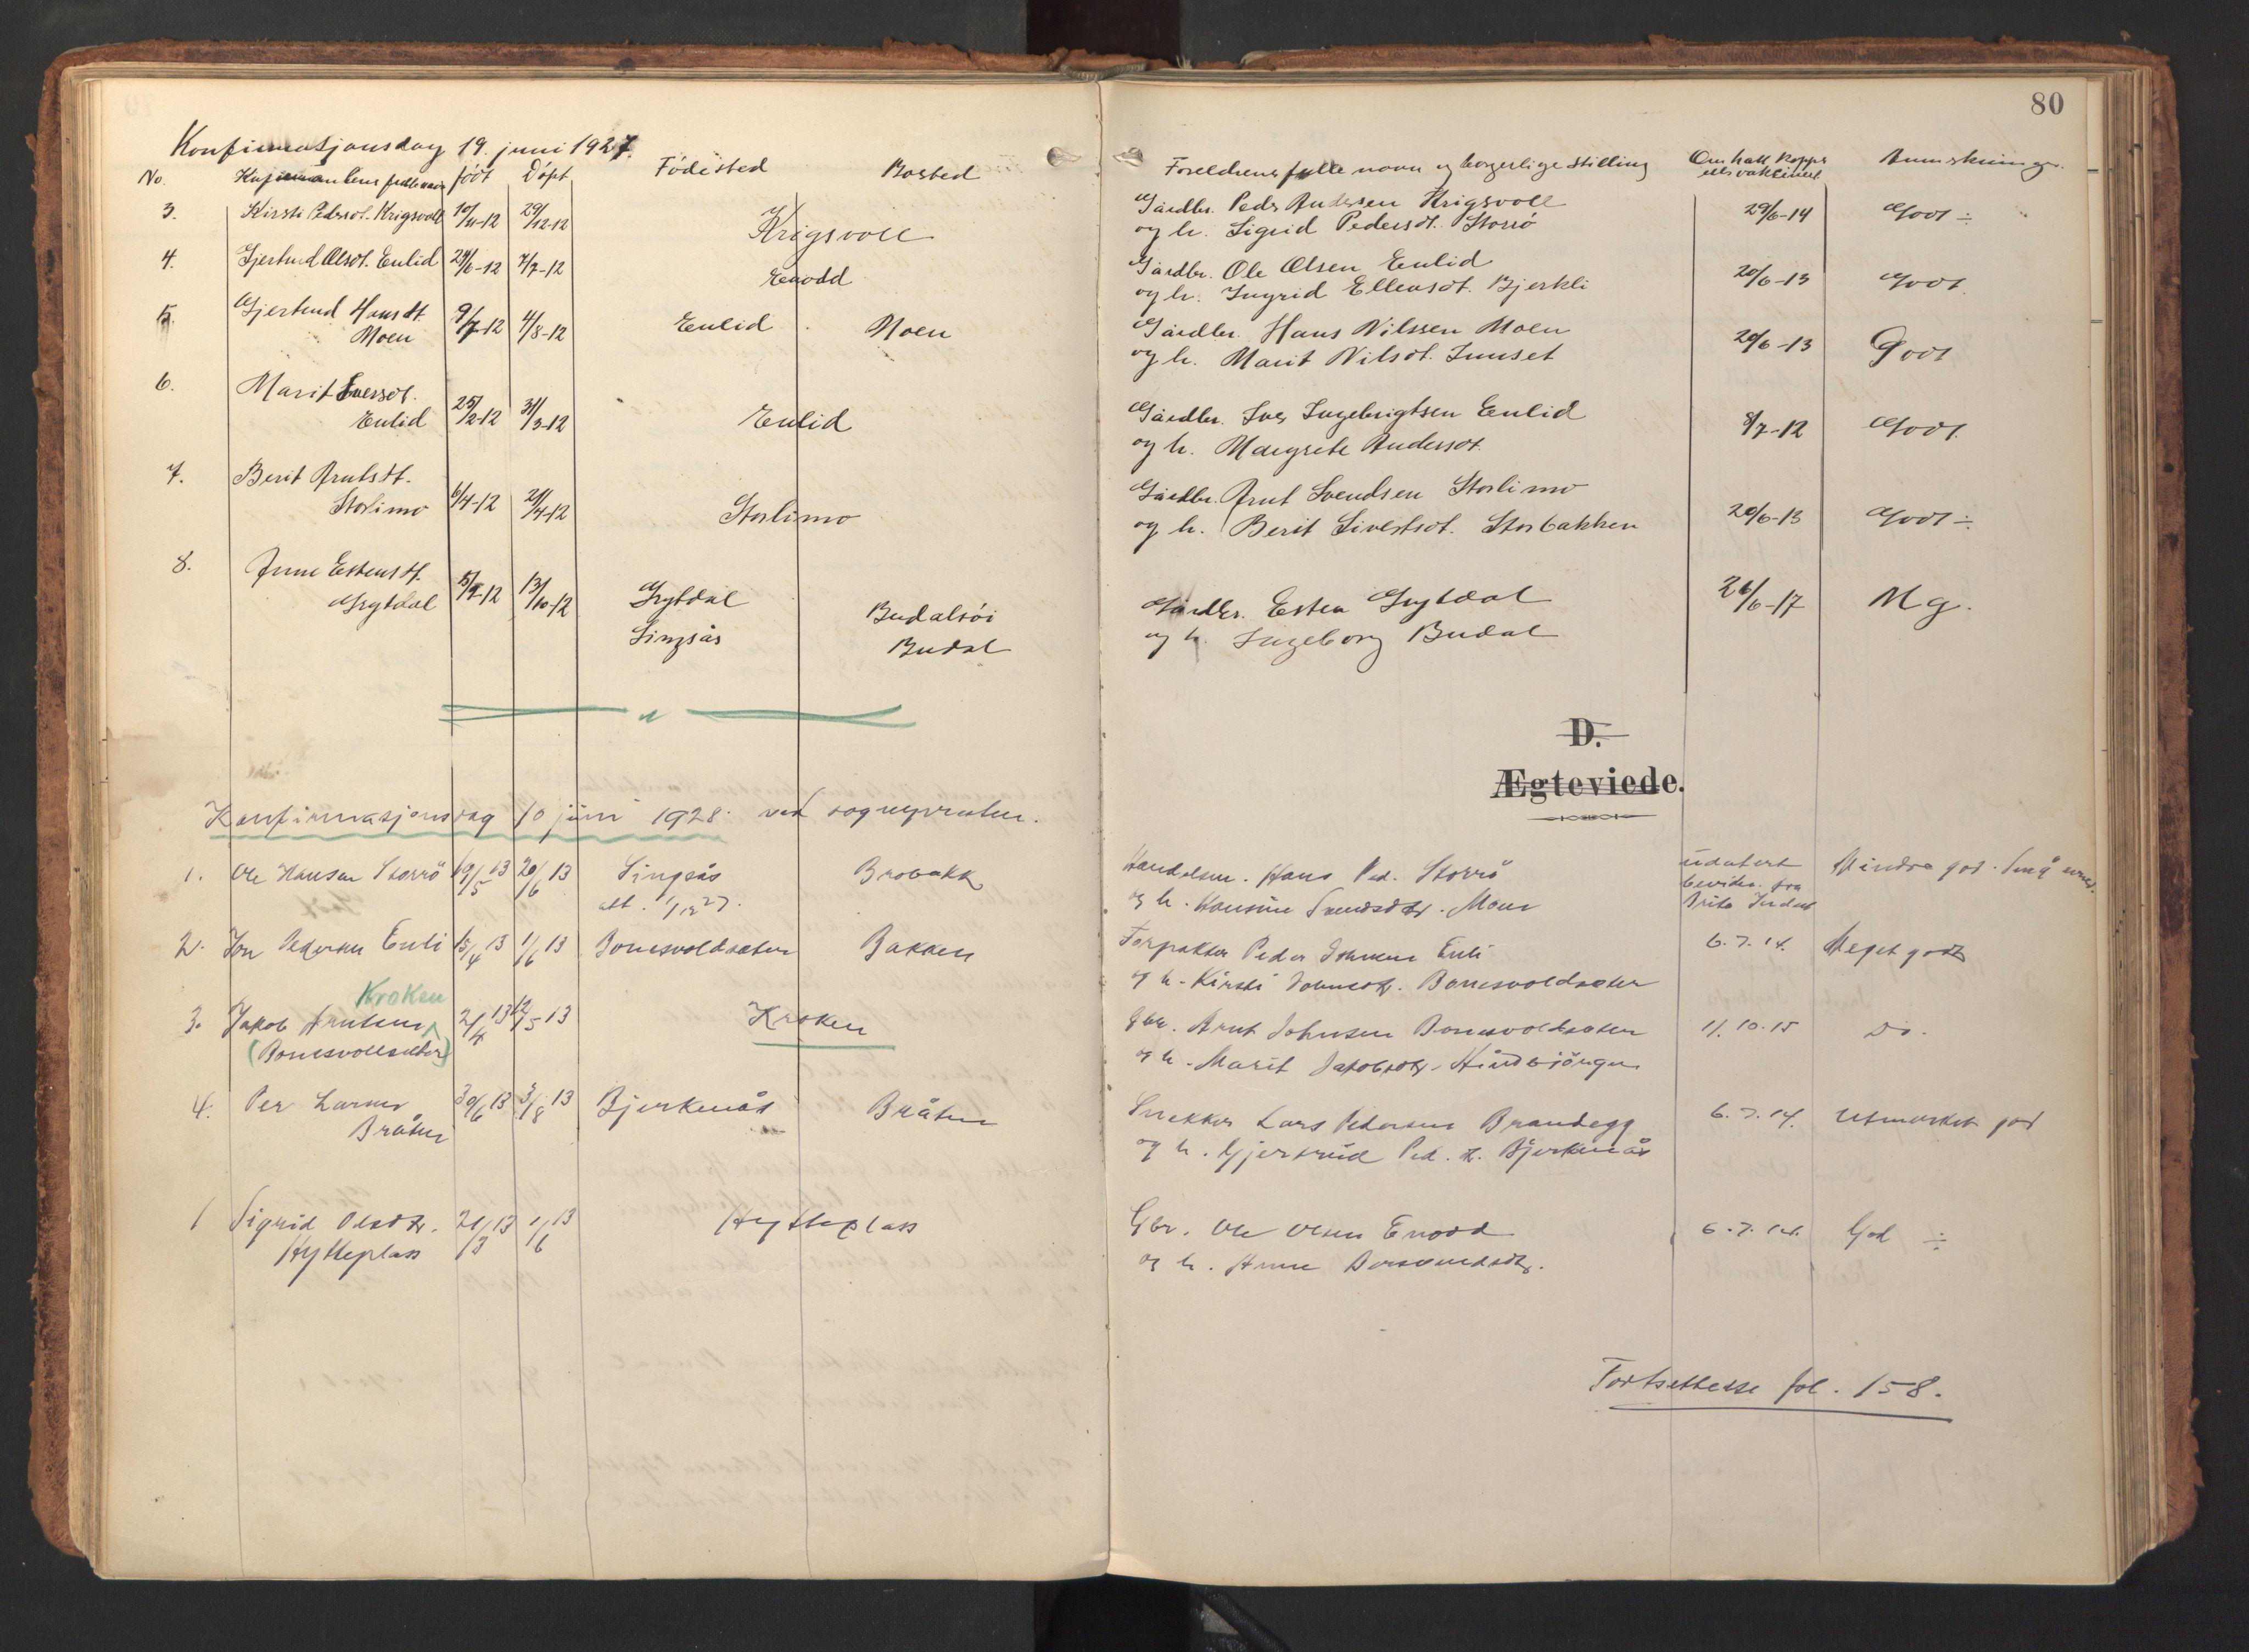 SAT, Ministerialprotokoller, klokkerbøker og fødselsregistre - Sør-Trøndelag, 690/L1050: Ministerialbok nr. 690A01, 1889-1929, s. 80